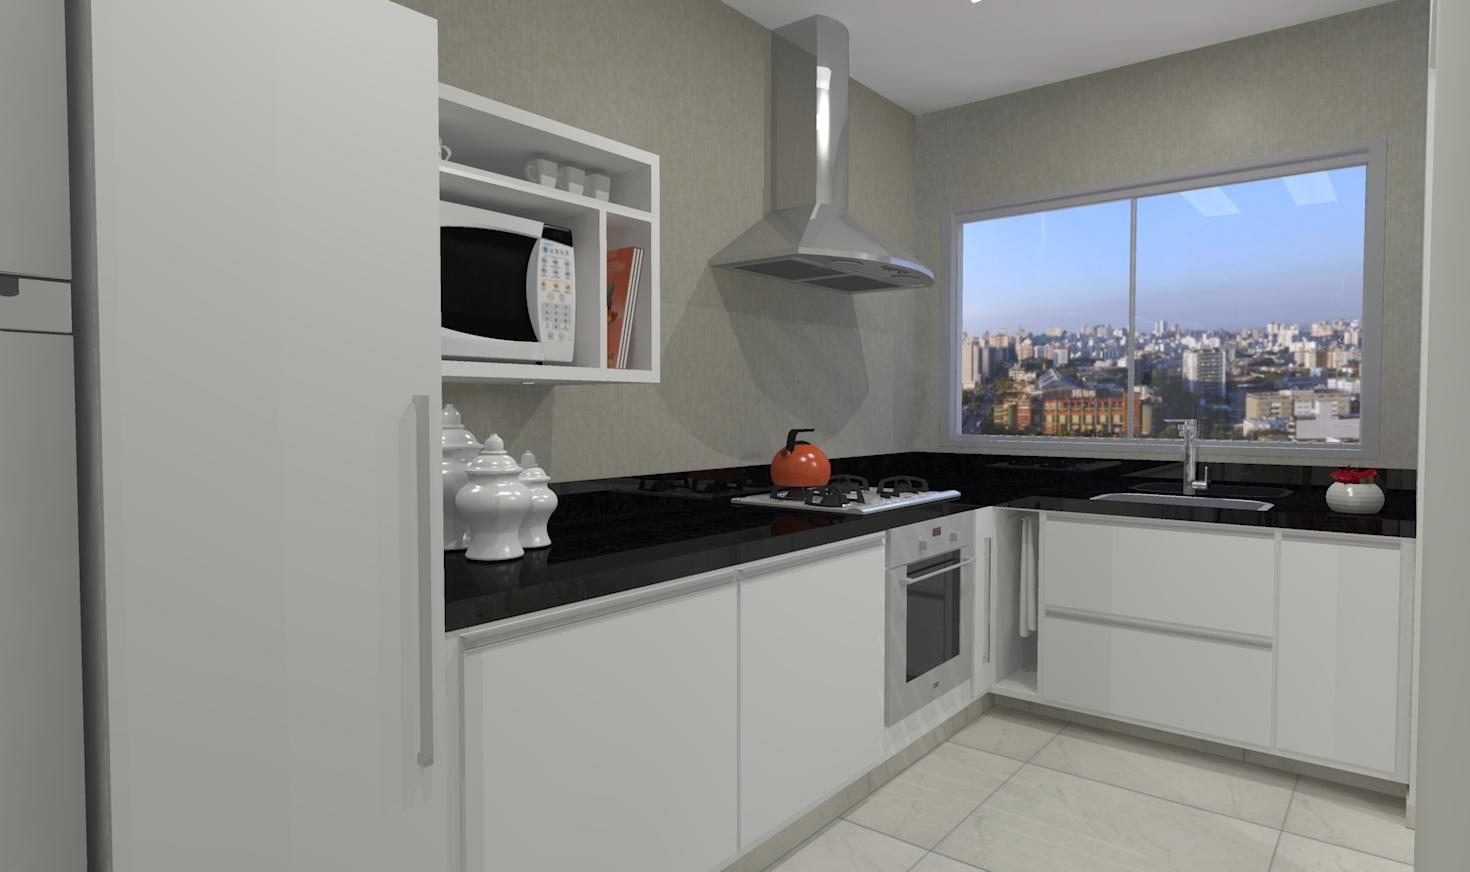 utilizadas para essa cozinha planejada pequena com estilo clássico #1C52AF 1470 872